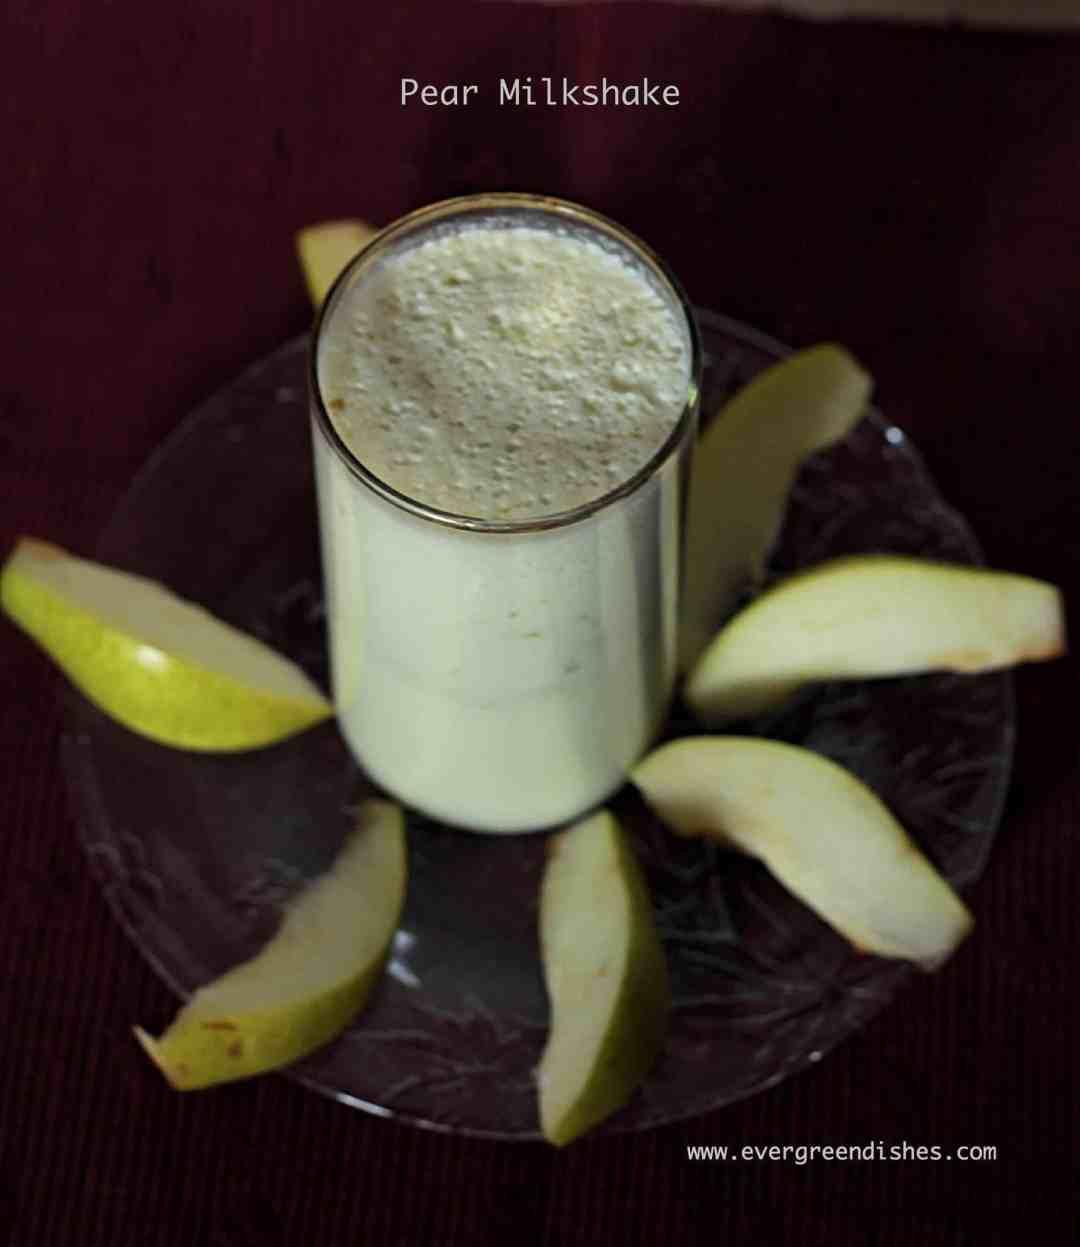 pear milkshake